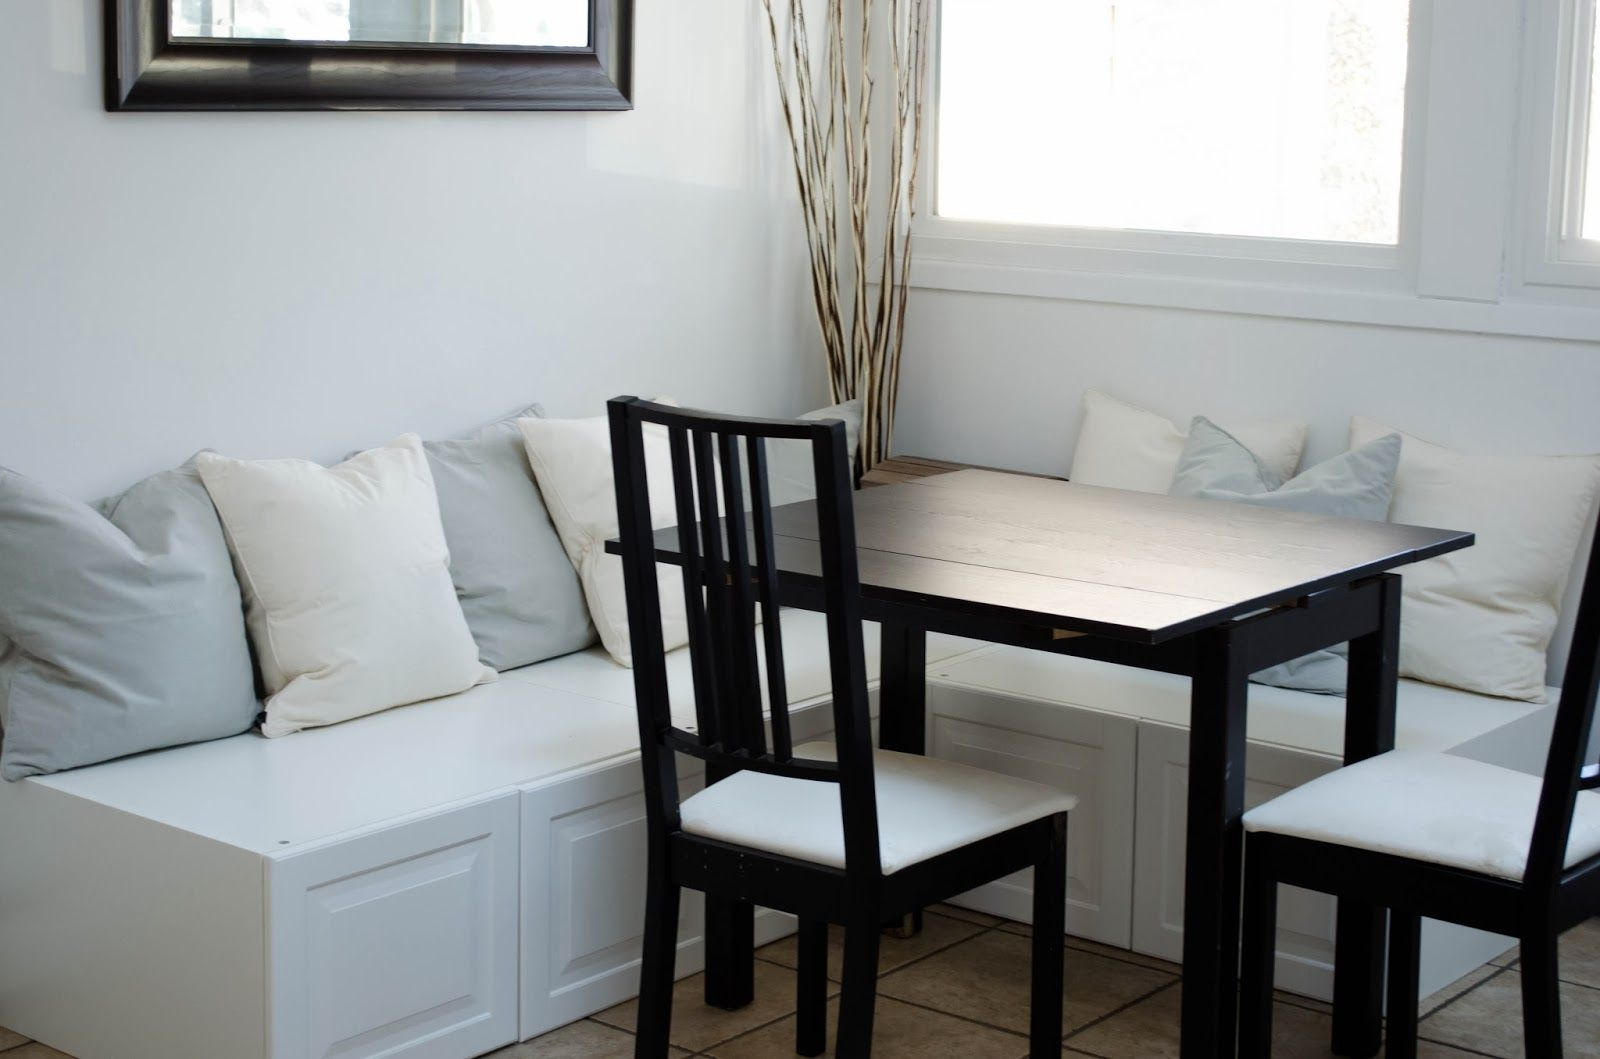 Exquisite Corner Breakfast Nook Ideas In Various Styles